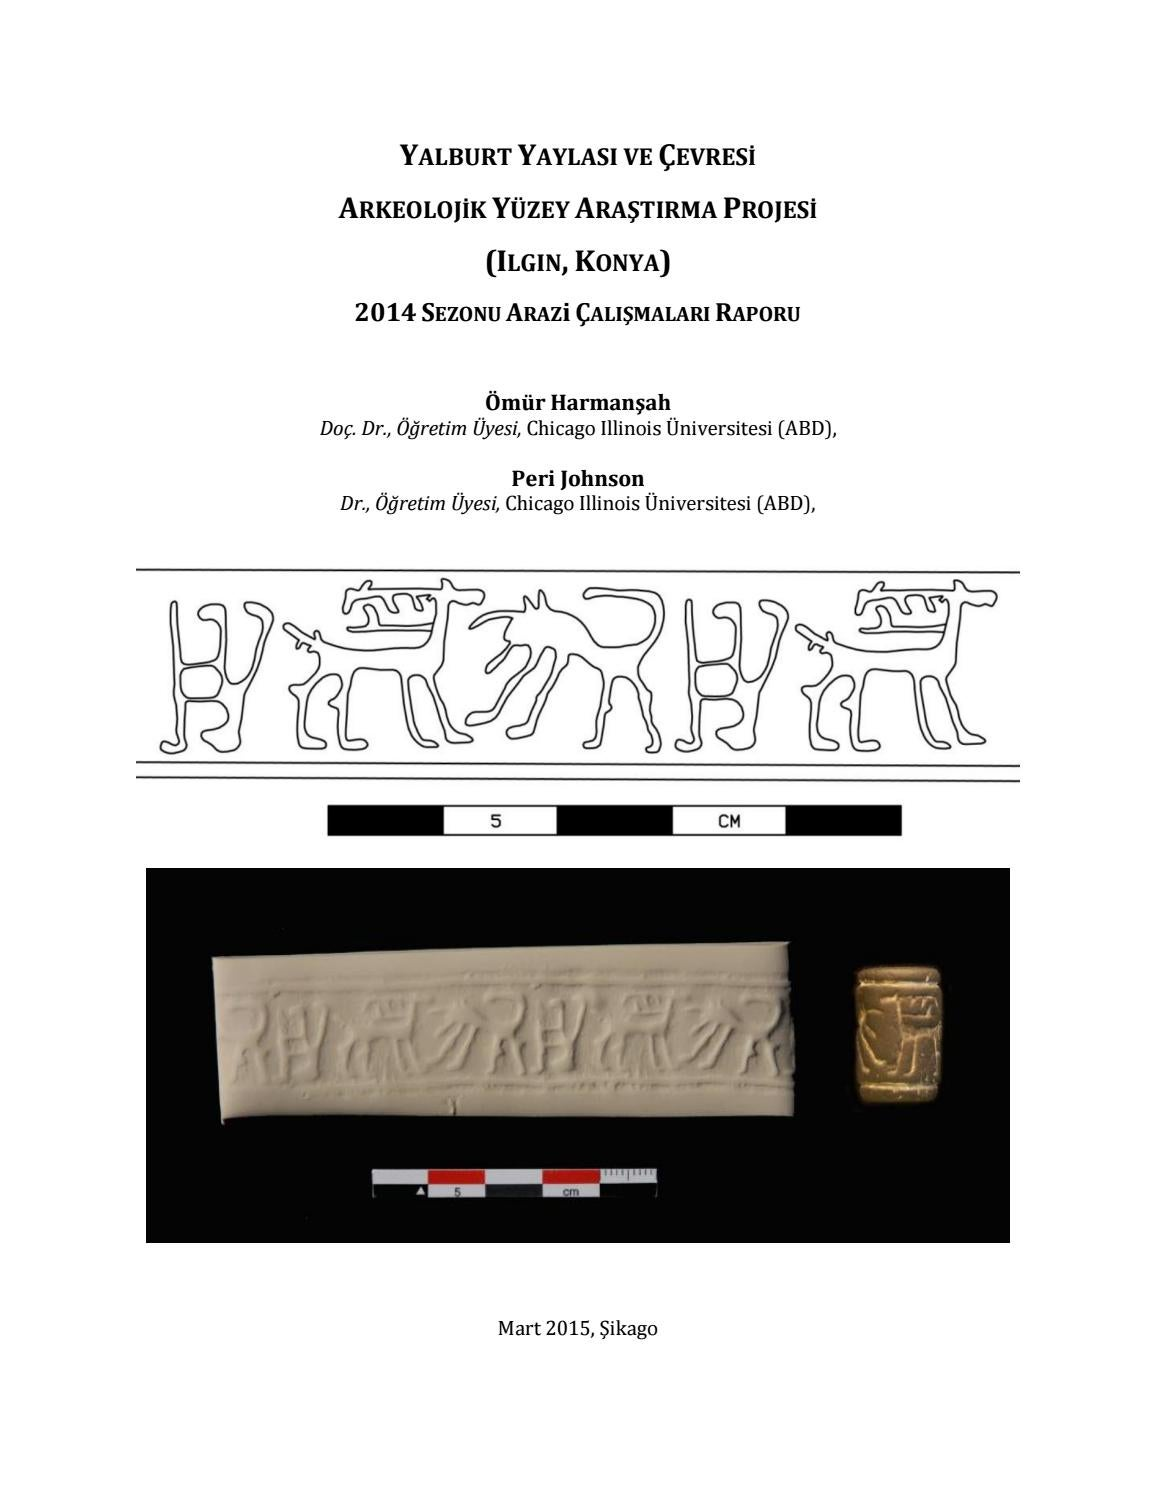 Yalburt Yaylasi Archaeological Survey Project Ilgin Konya 2014